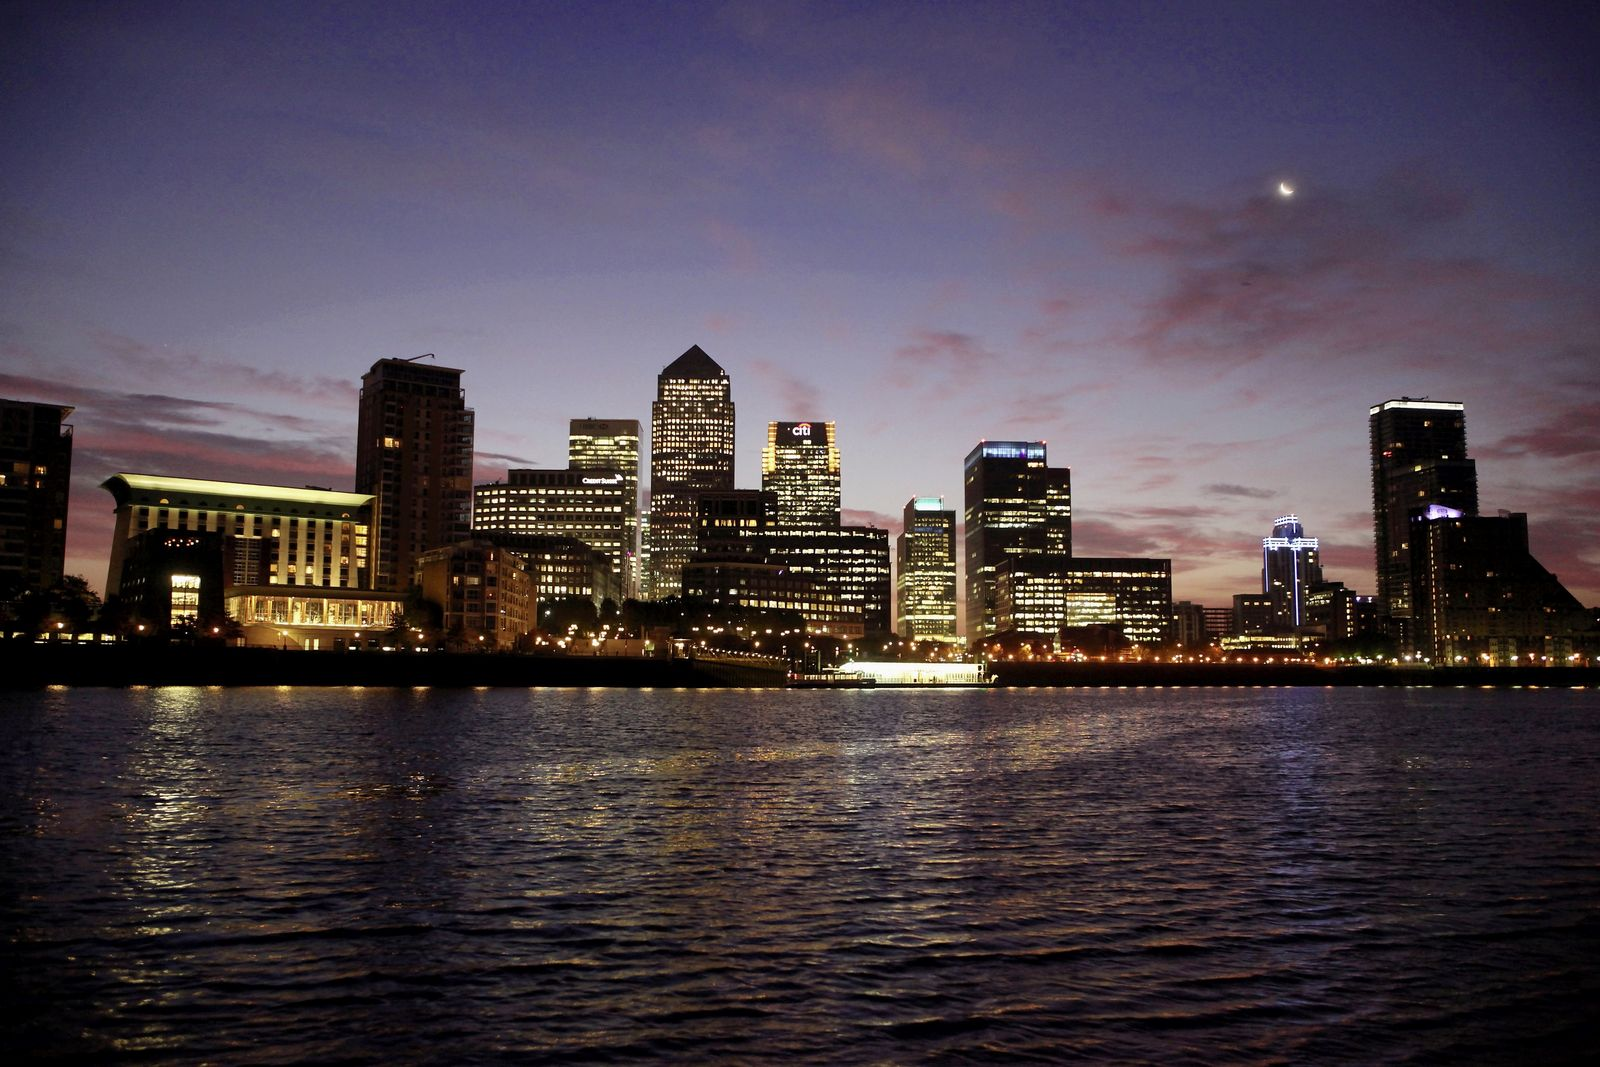 London / Financial District